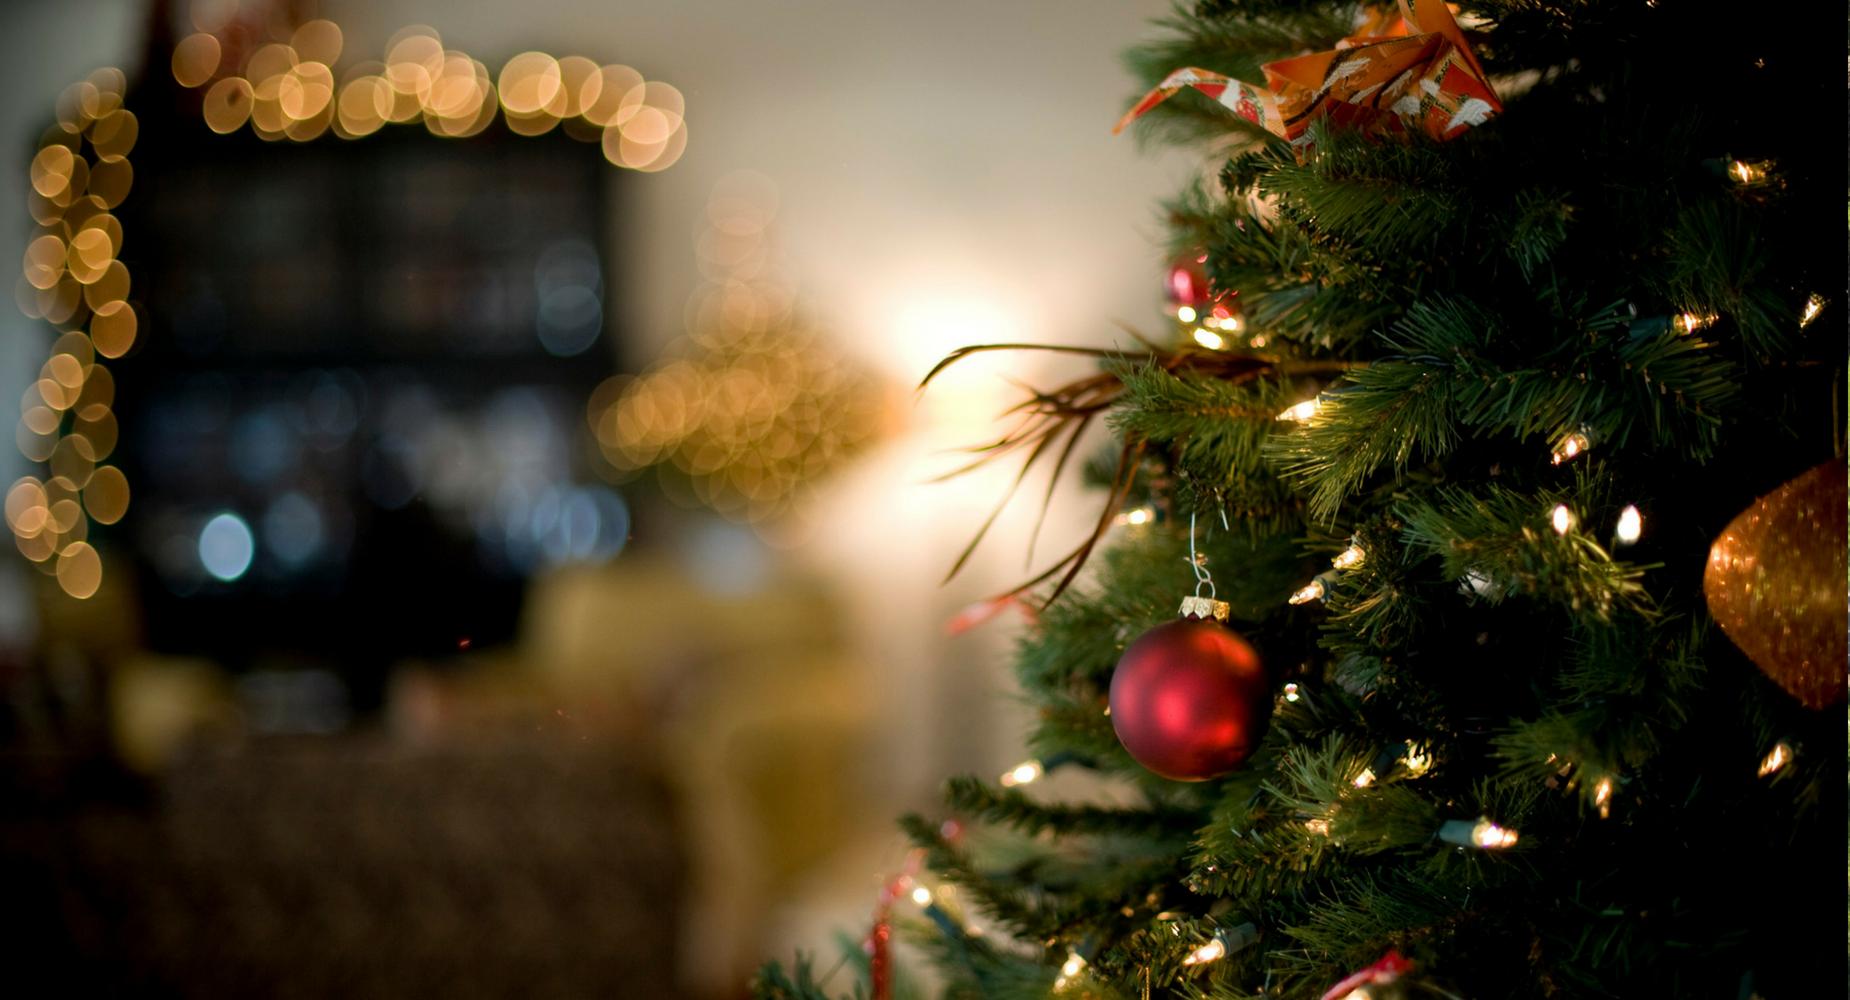 Fête de Noël (Serre 64) – Amicale des Malentendants de la Chaux-de-Fonds